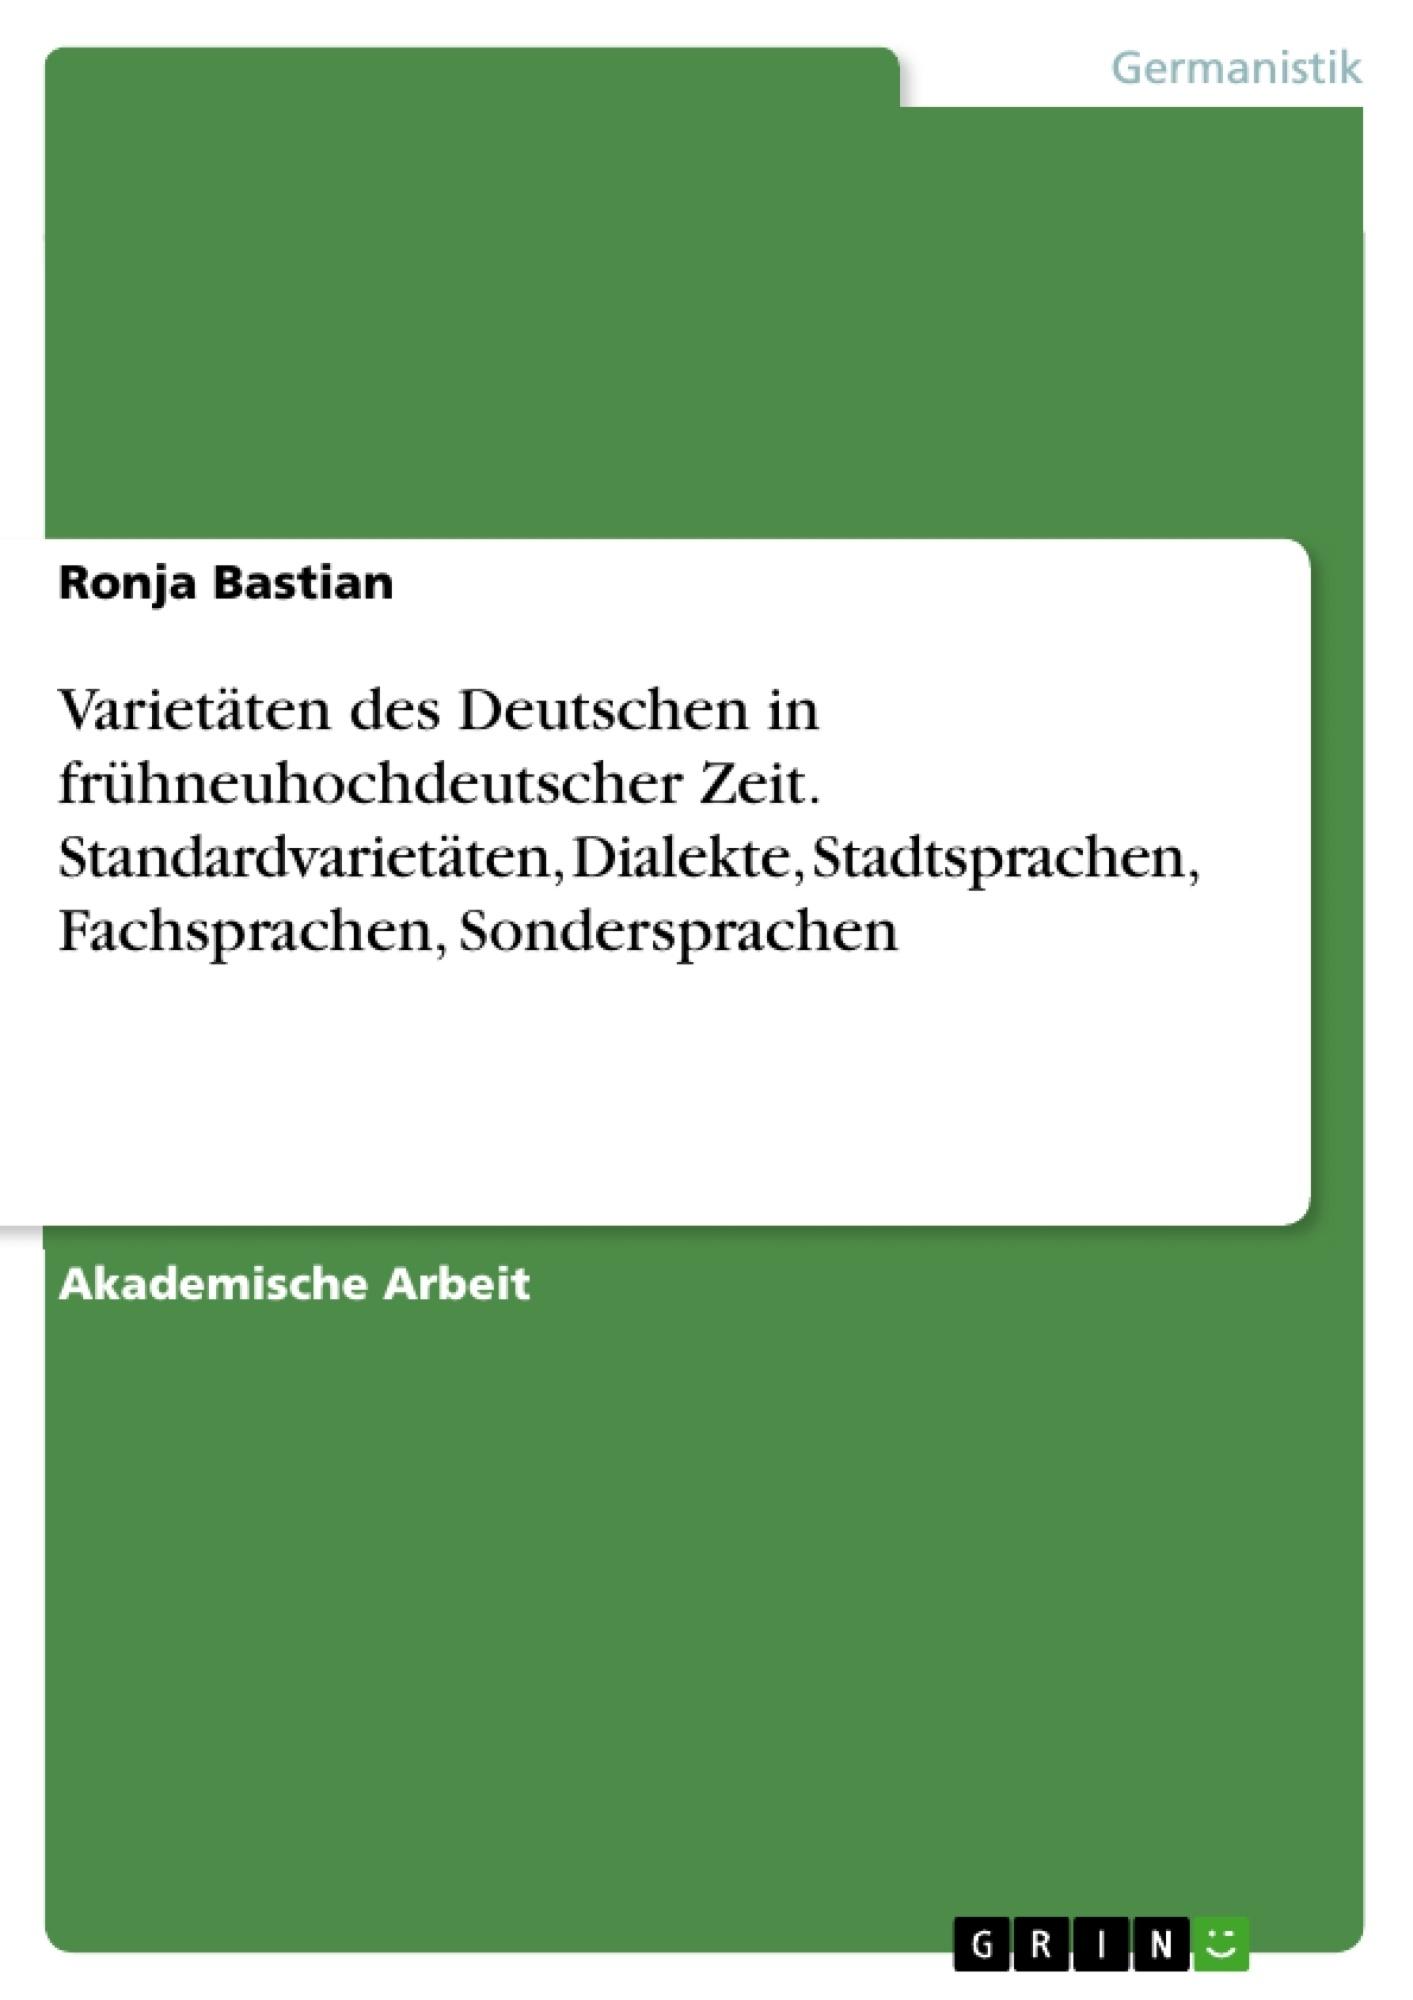 Titel: Varietäten des Deutschen in frühneuhochdeutscher Zeit. Standardvarietäten, Dialekte, Stadtsprachen, Fachsprachen, Sondersprachen